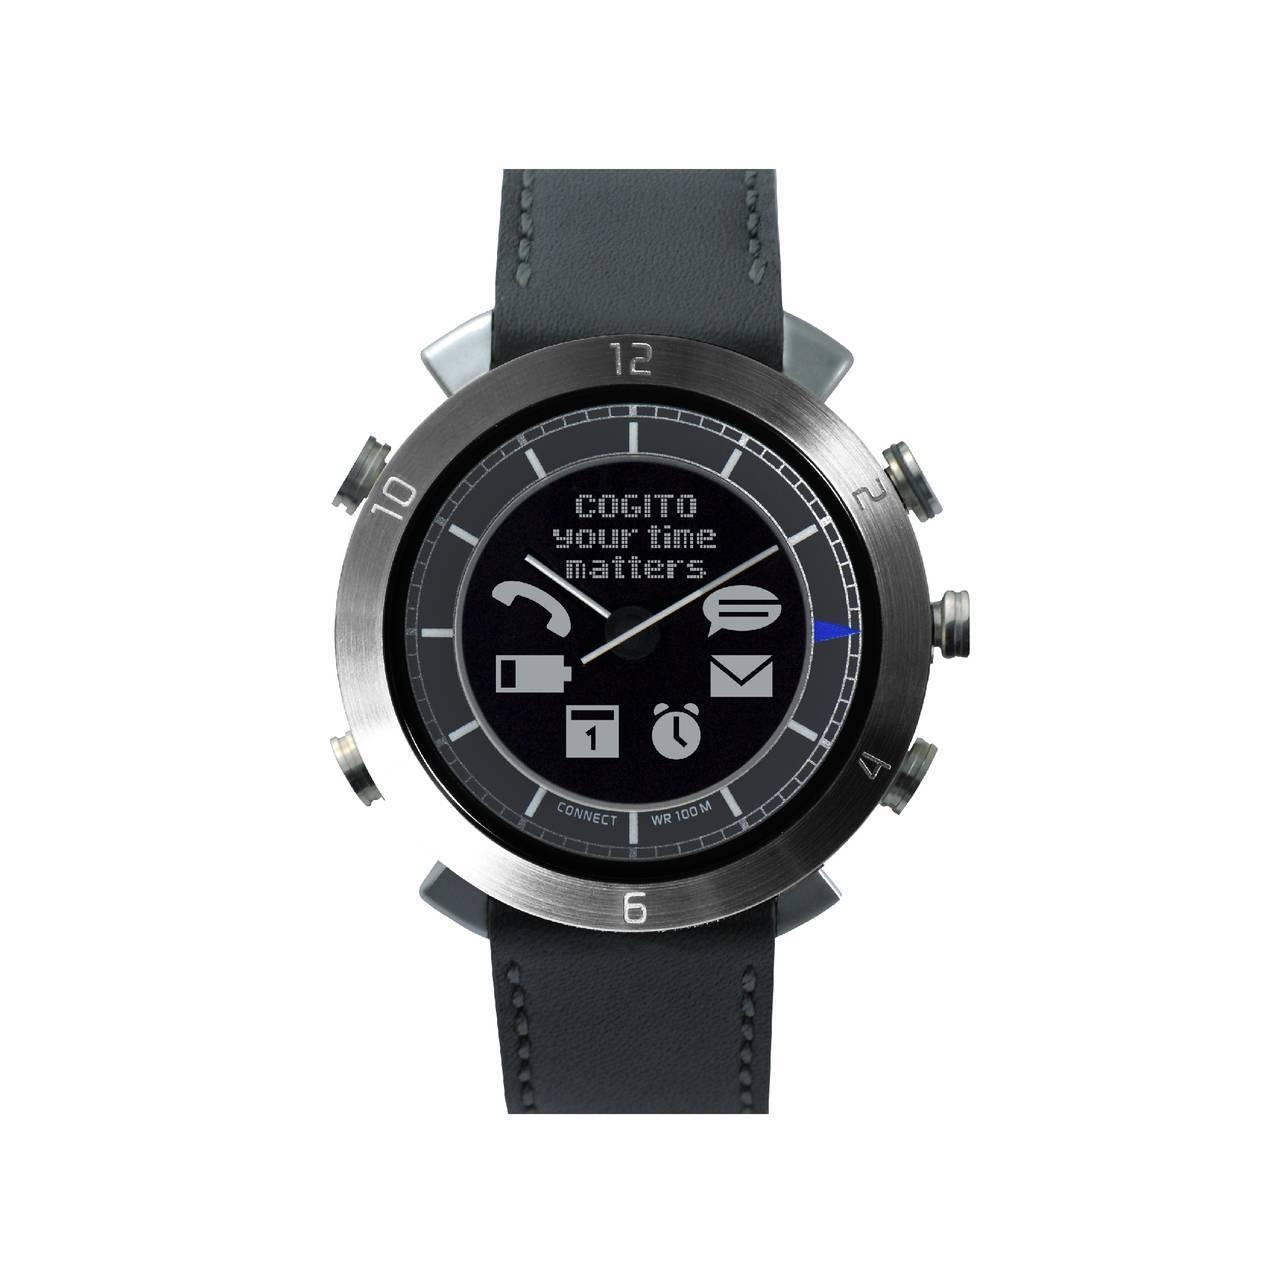 Так ли это оповещения необходимо, чтобы ради них покупать эти часы?